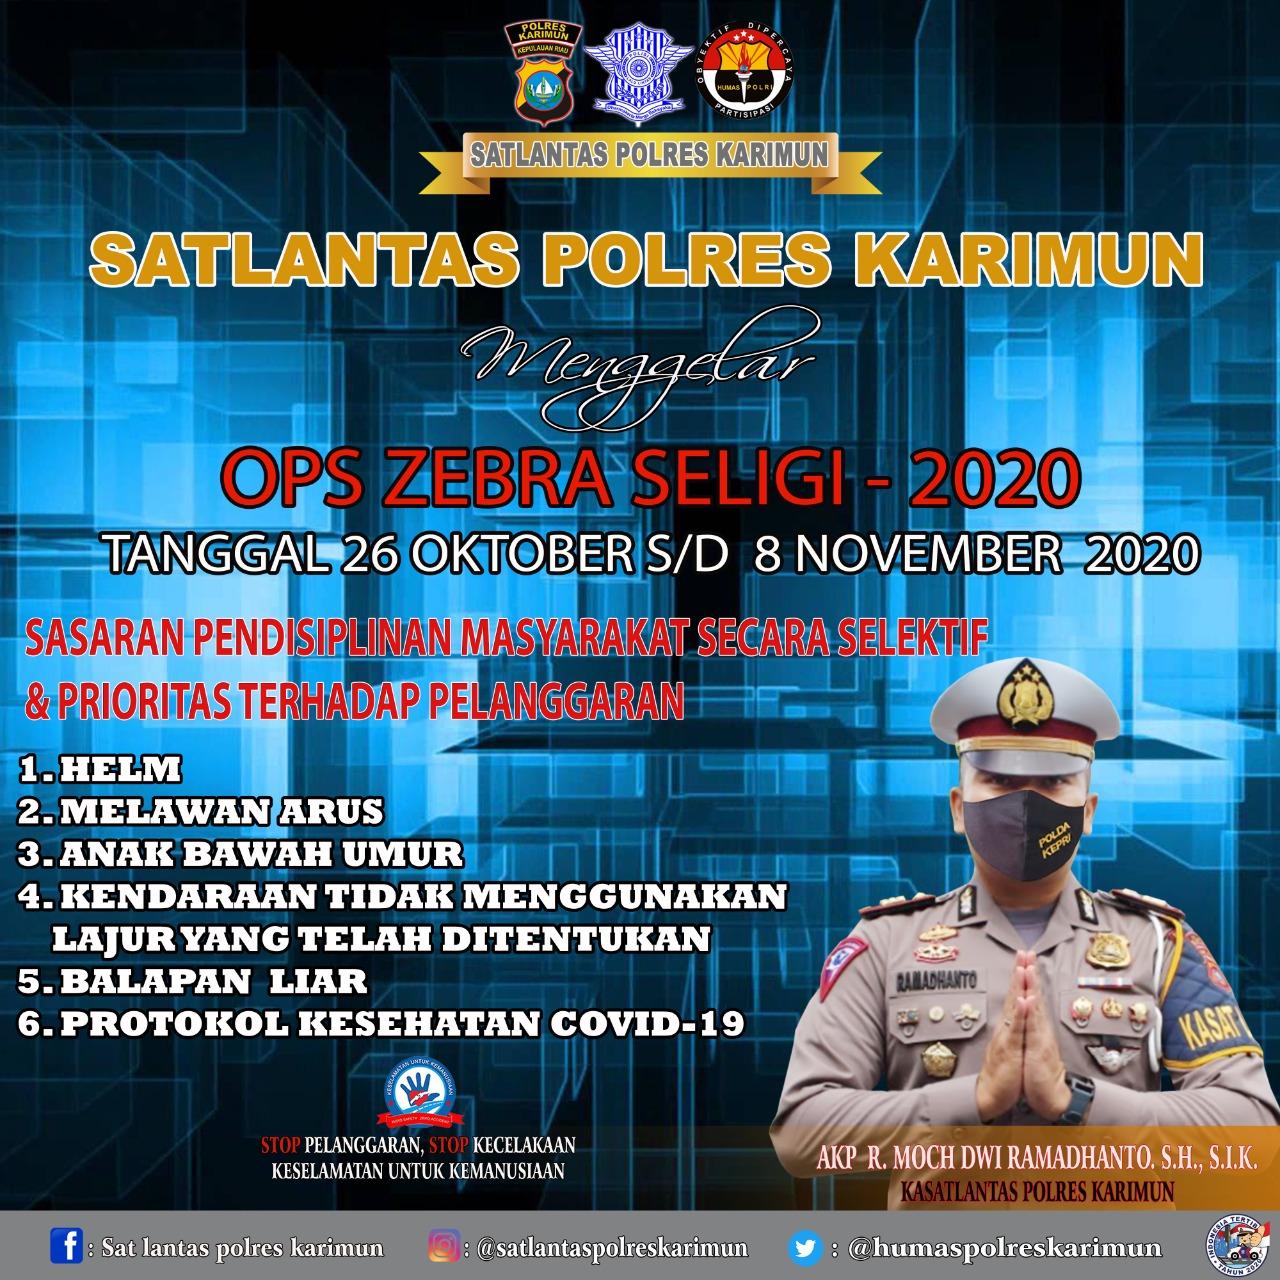 Polres Karimun Gelar Operasi Zebra Seligi 2020 Mulai 26 Oktober 2020 Ini